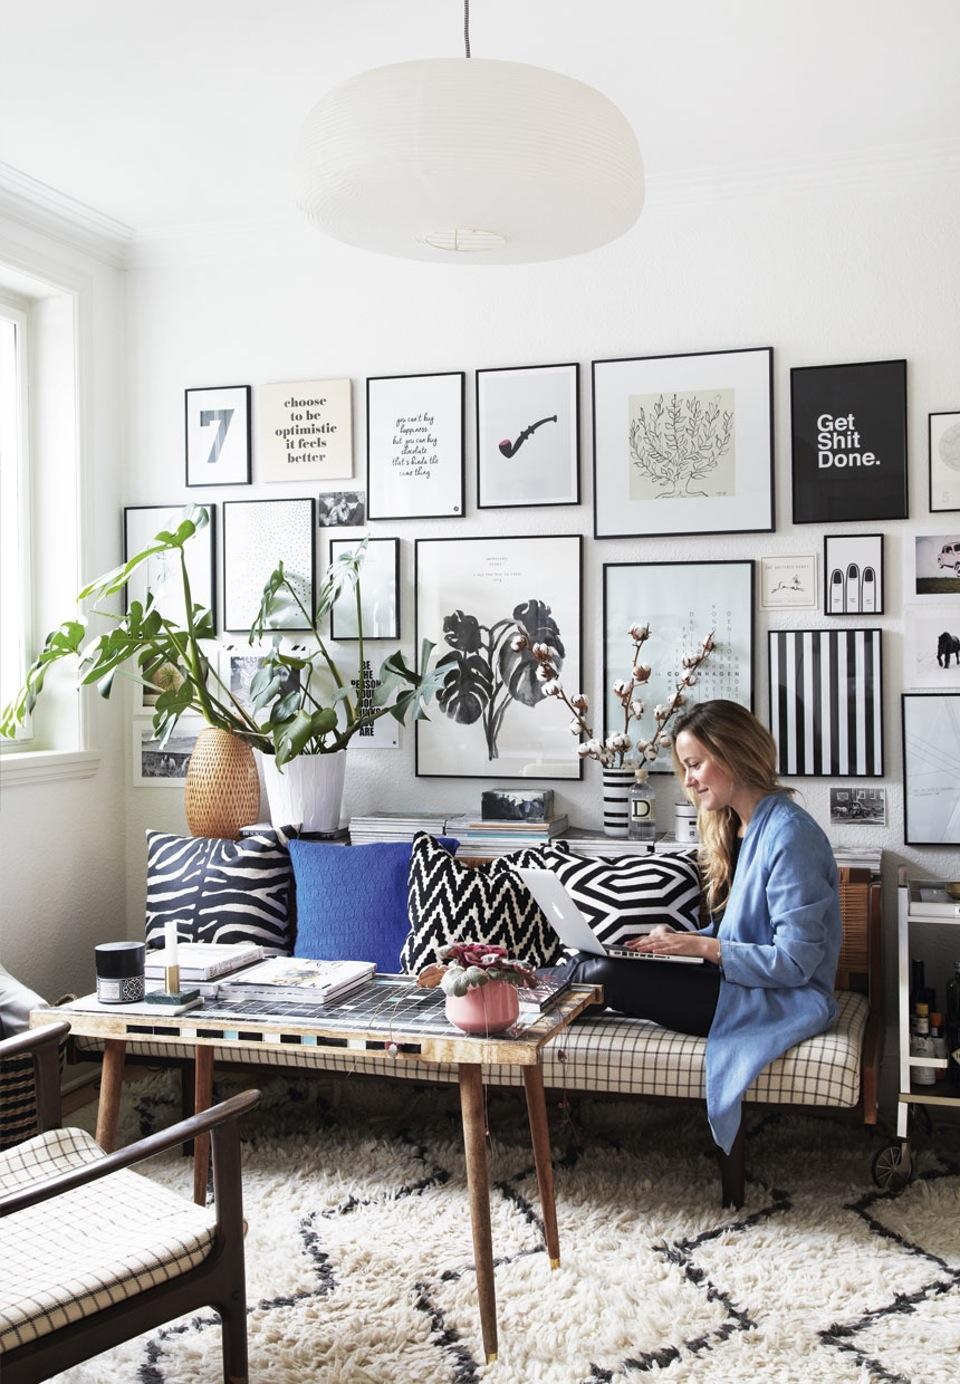 Adopter une déco pastel scandinave - L'intérieur dela blogueuse Emily Salomon